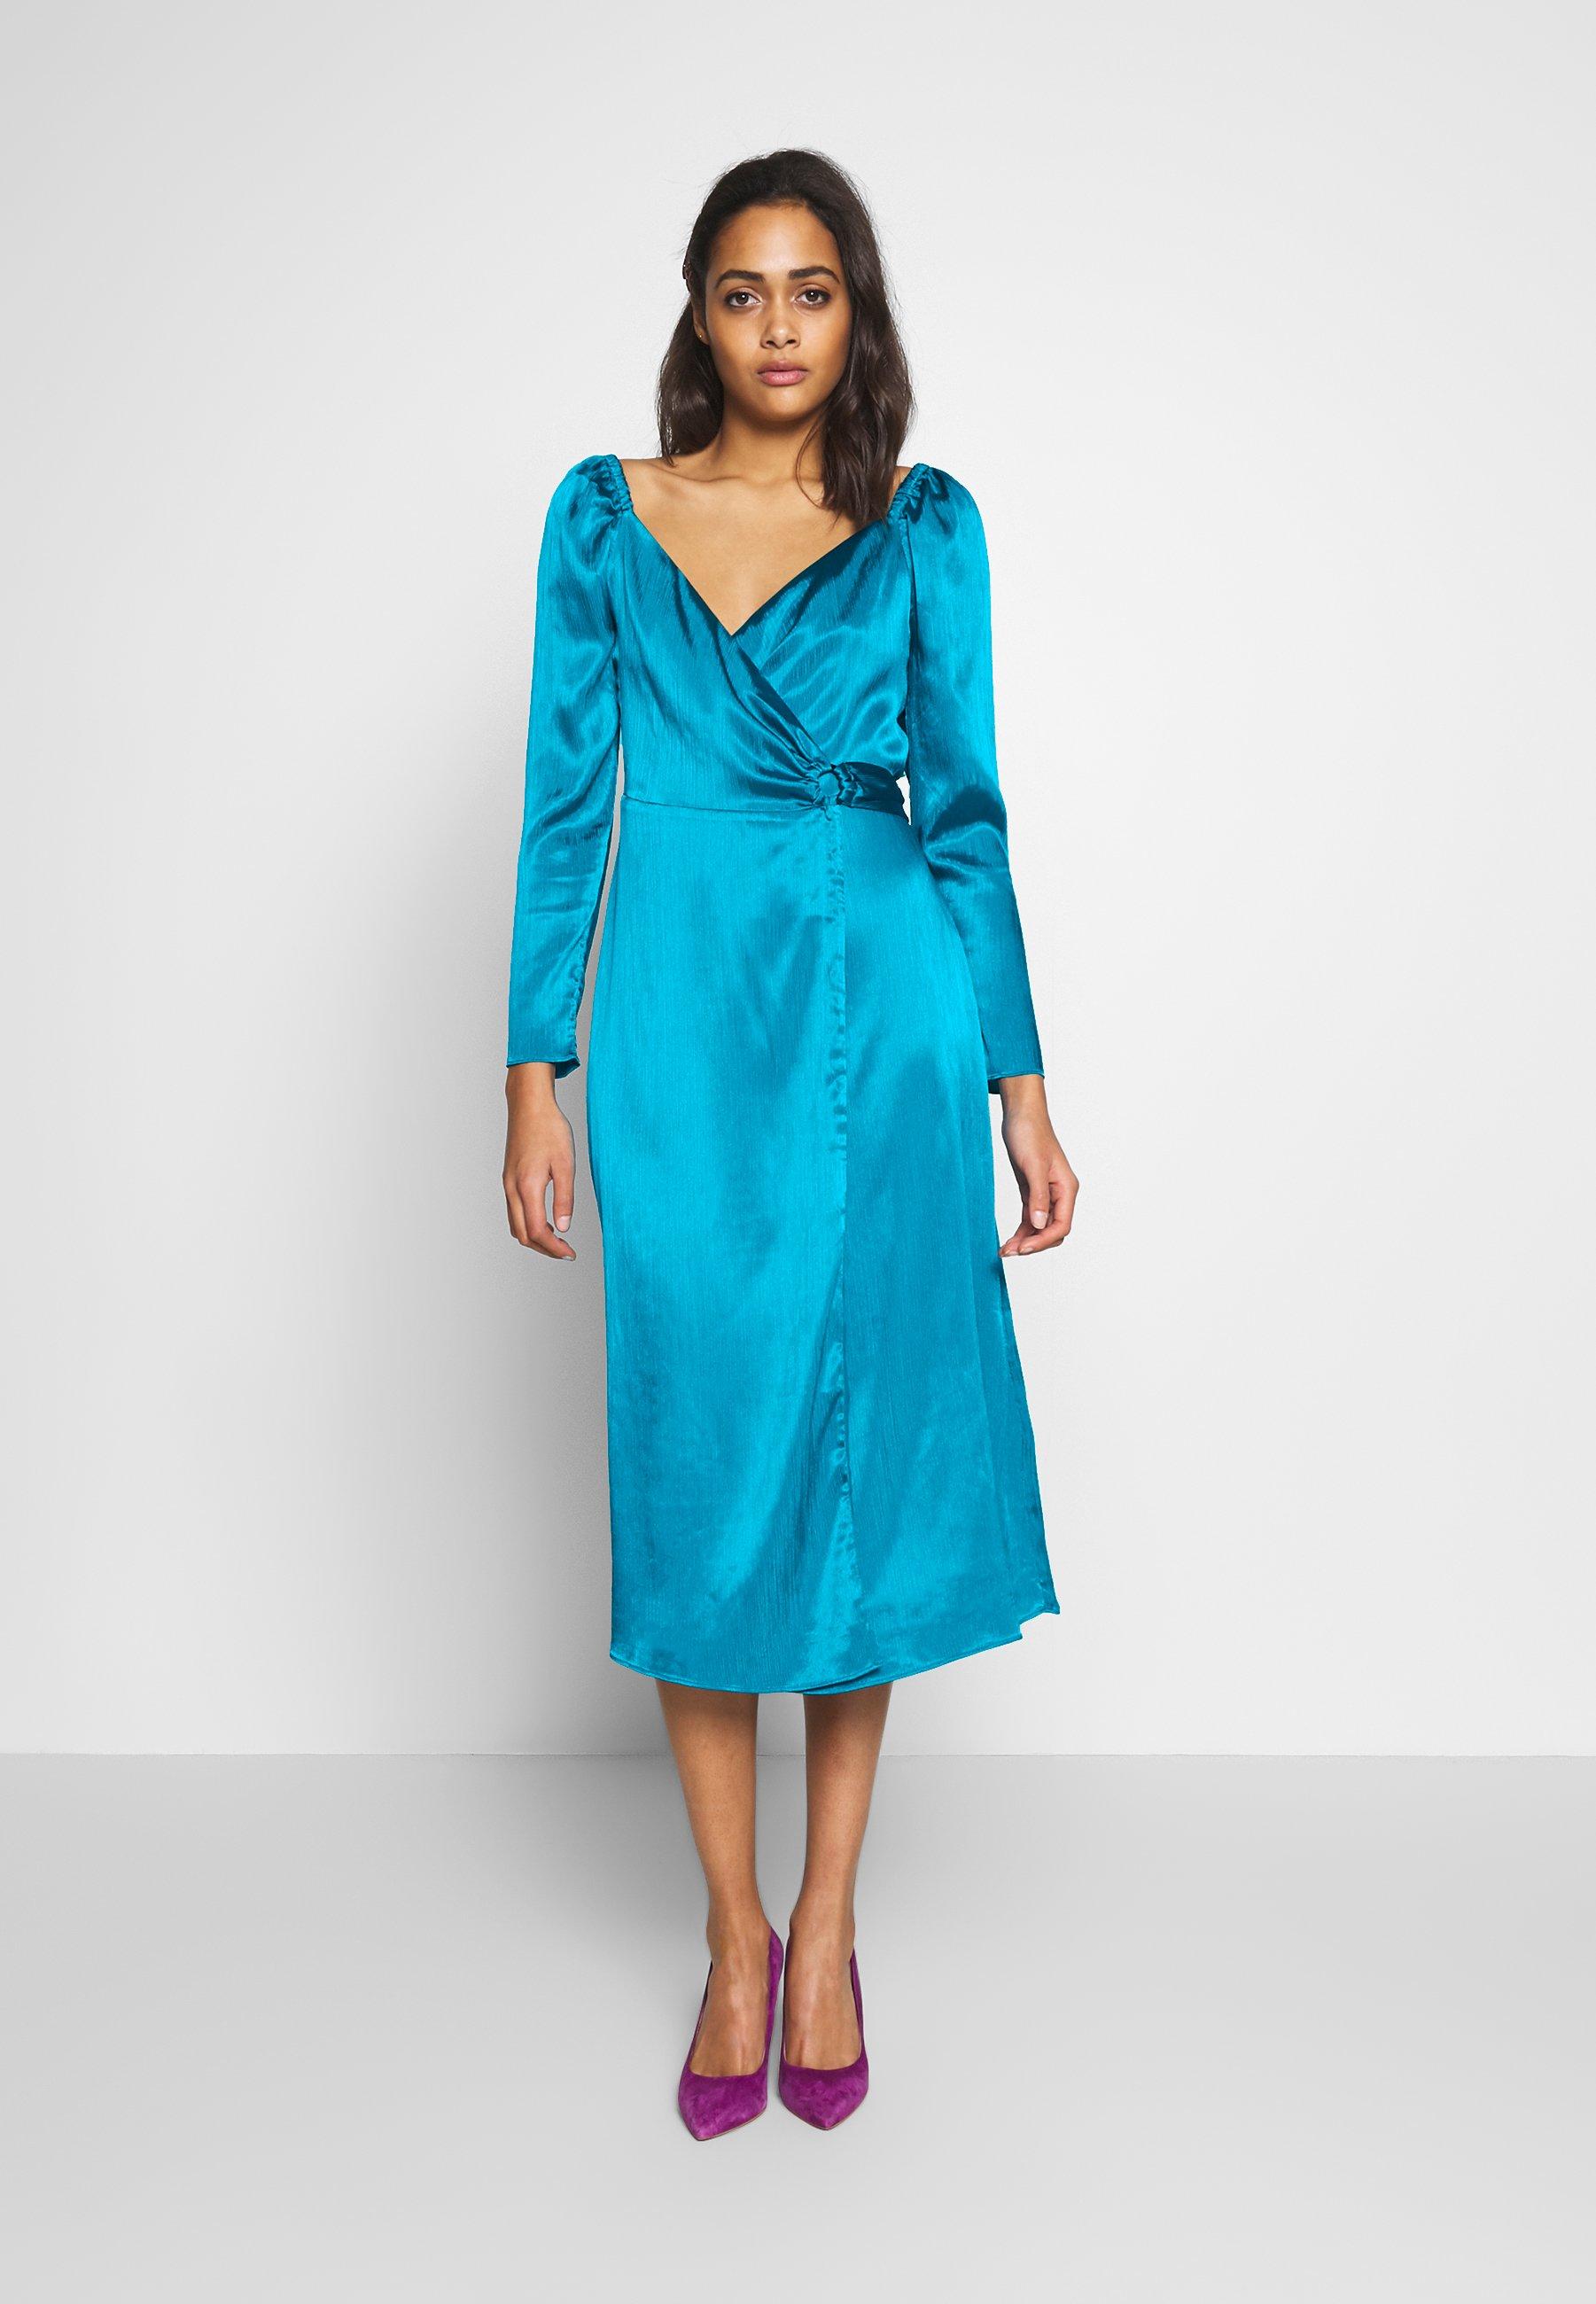 The East Order Lucette Midi Dress Freizeitkleid Turquoise Turkis Zalando De